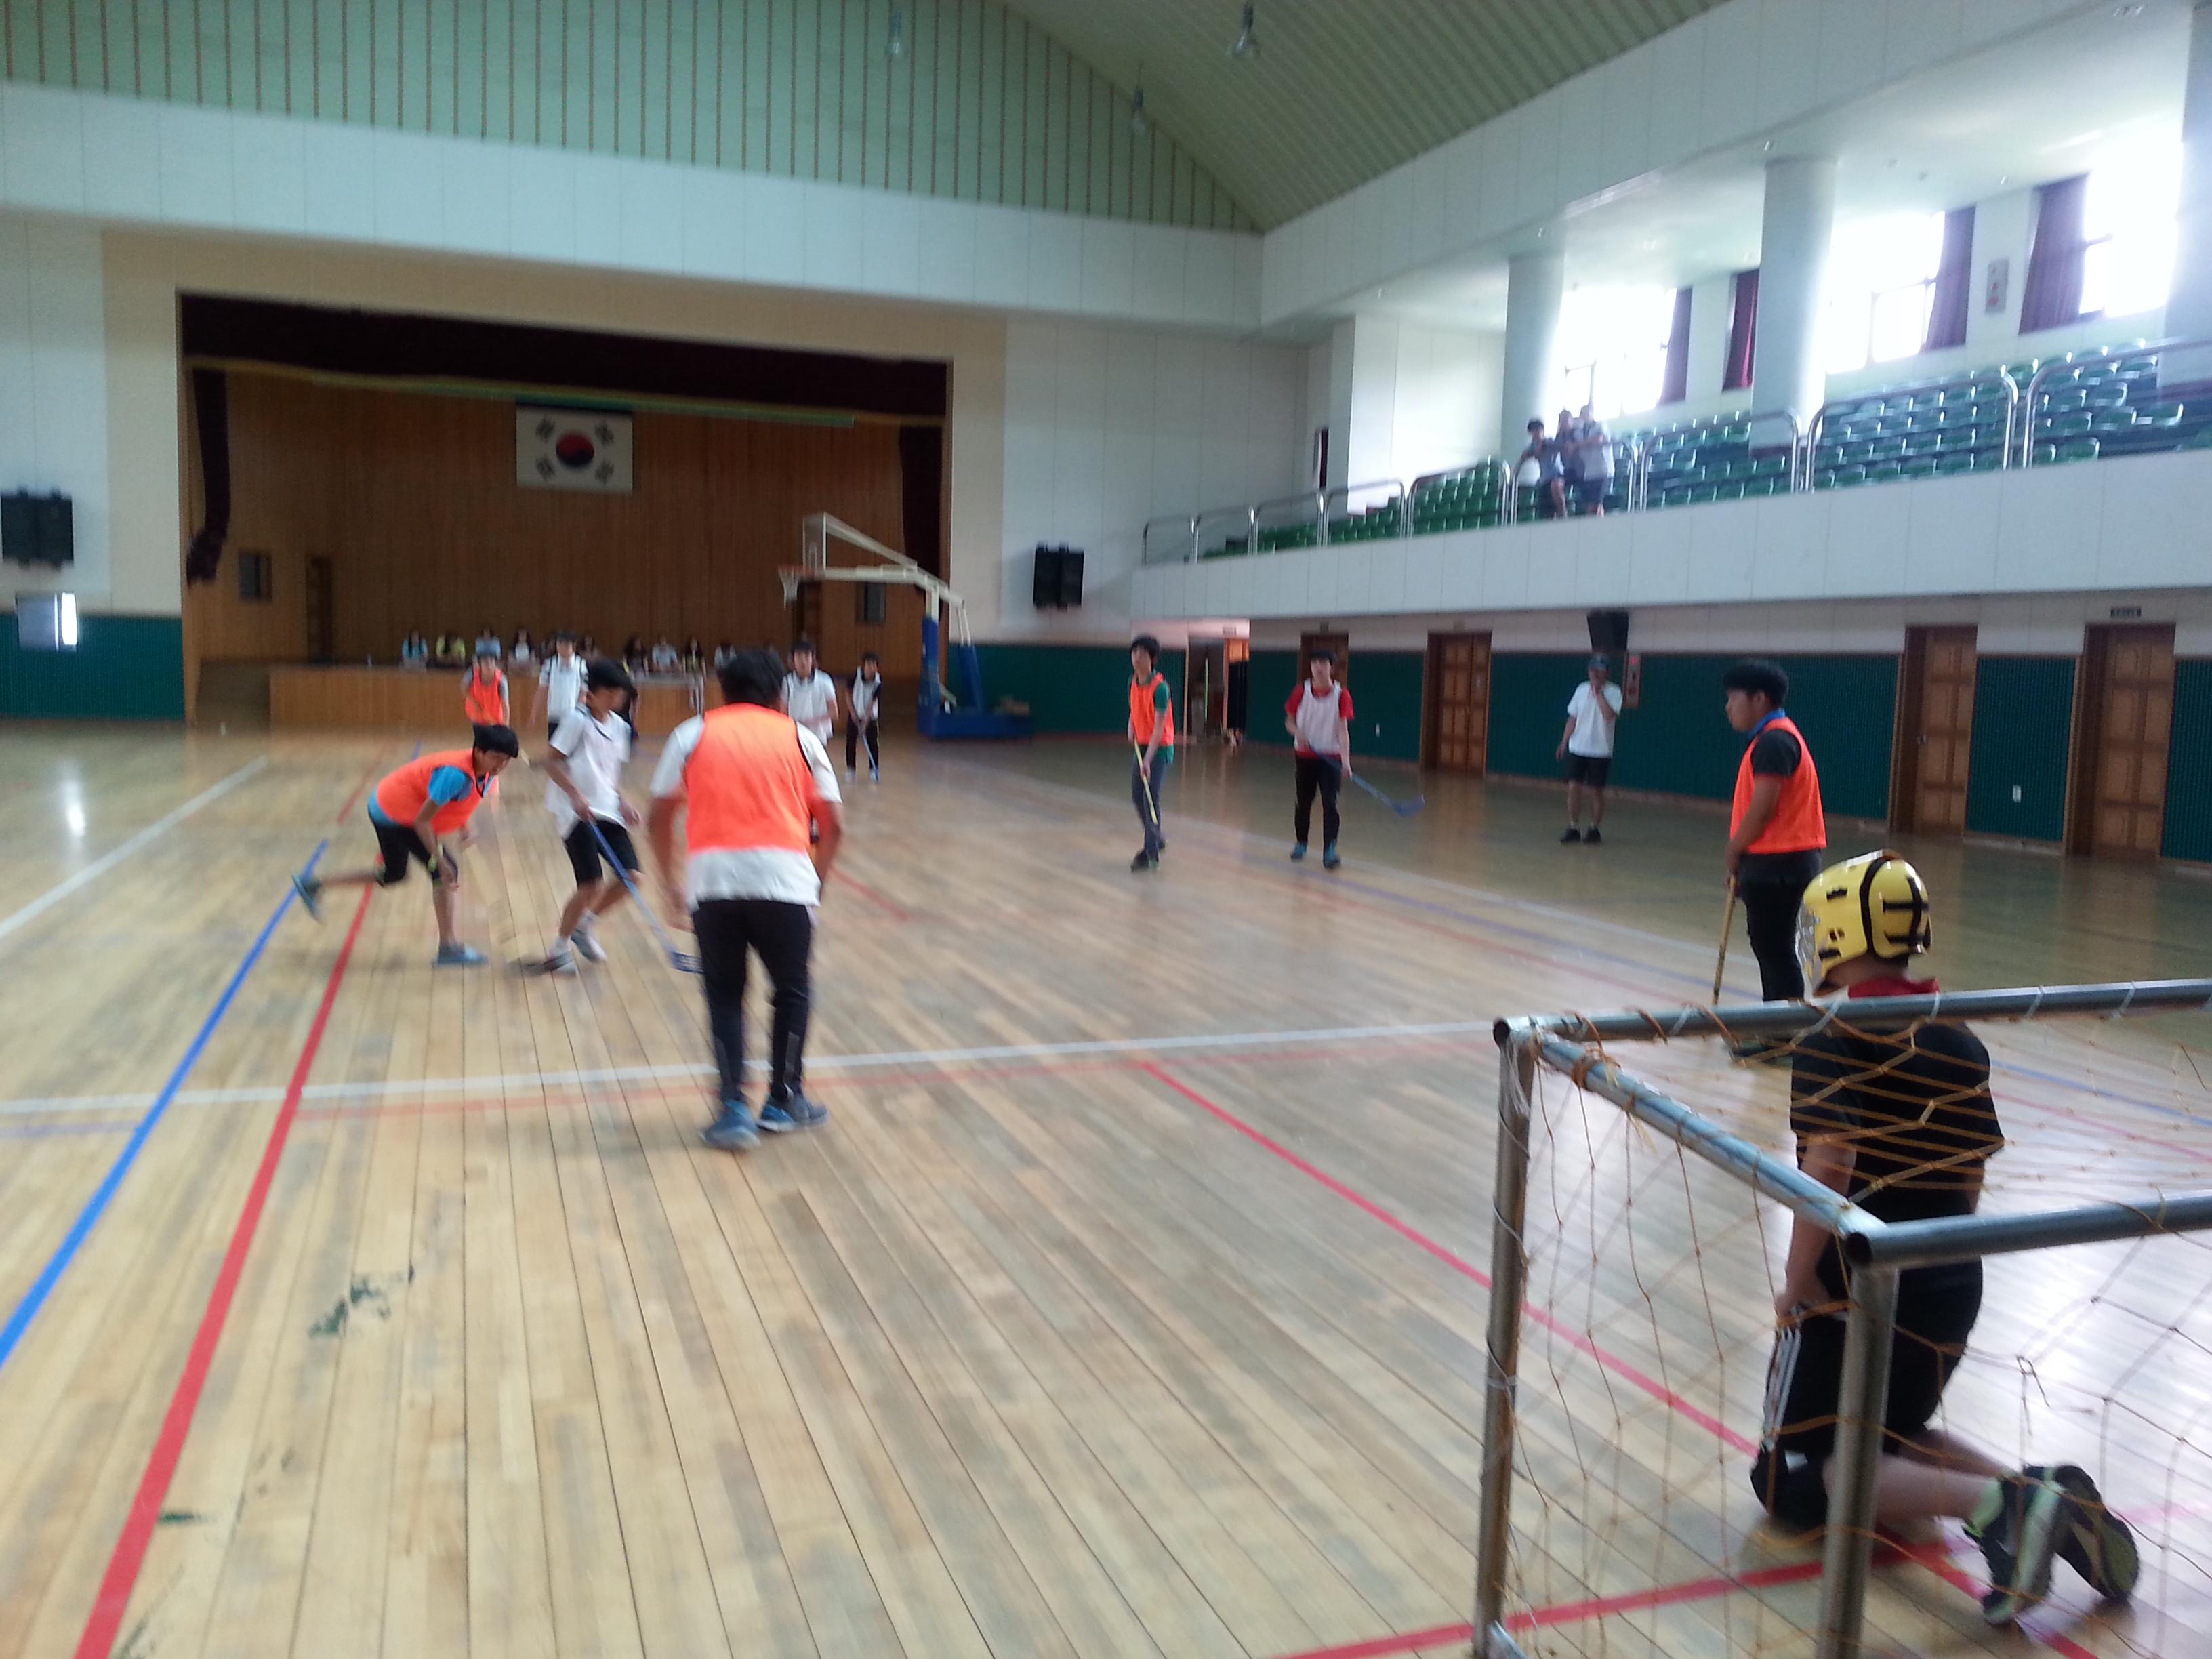 [일반] 포천학교스포츠클럽리그전 참가경기모습의 첨부이미지 4